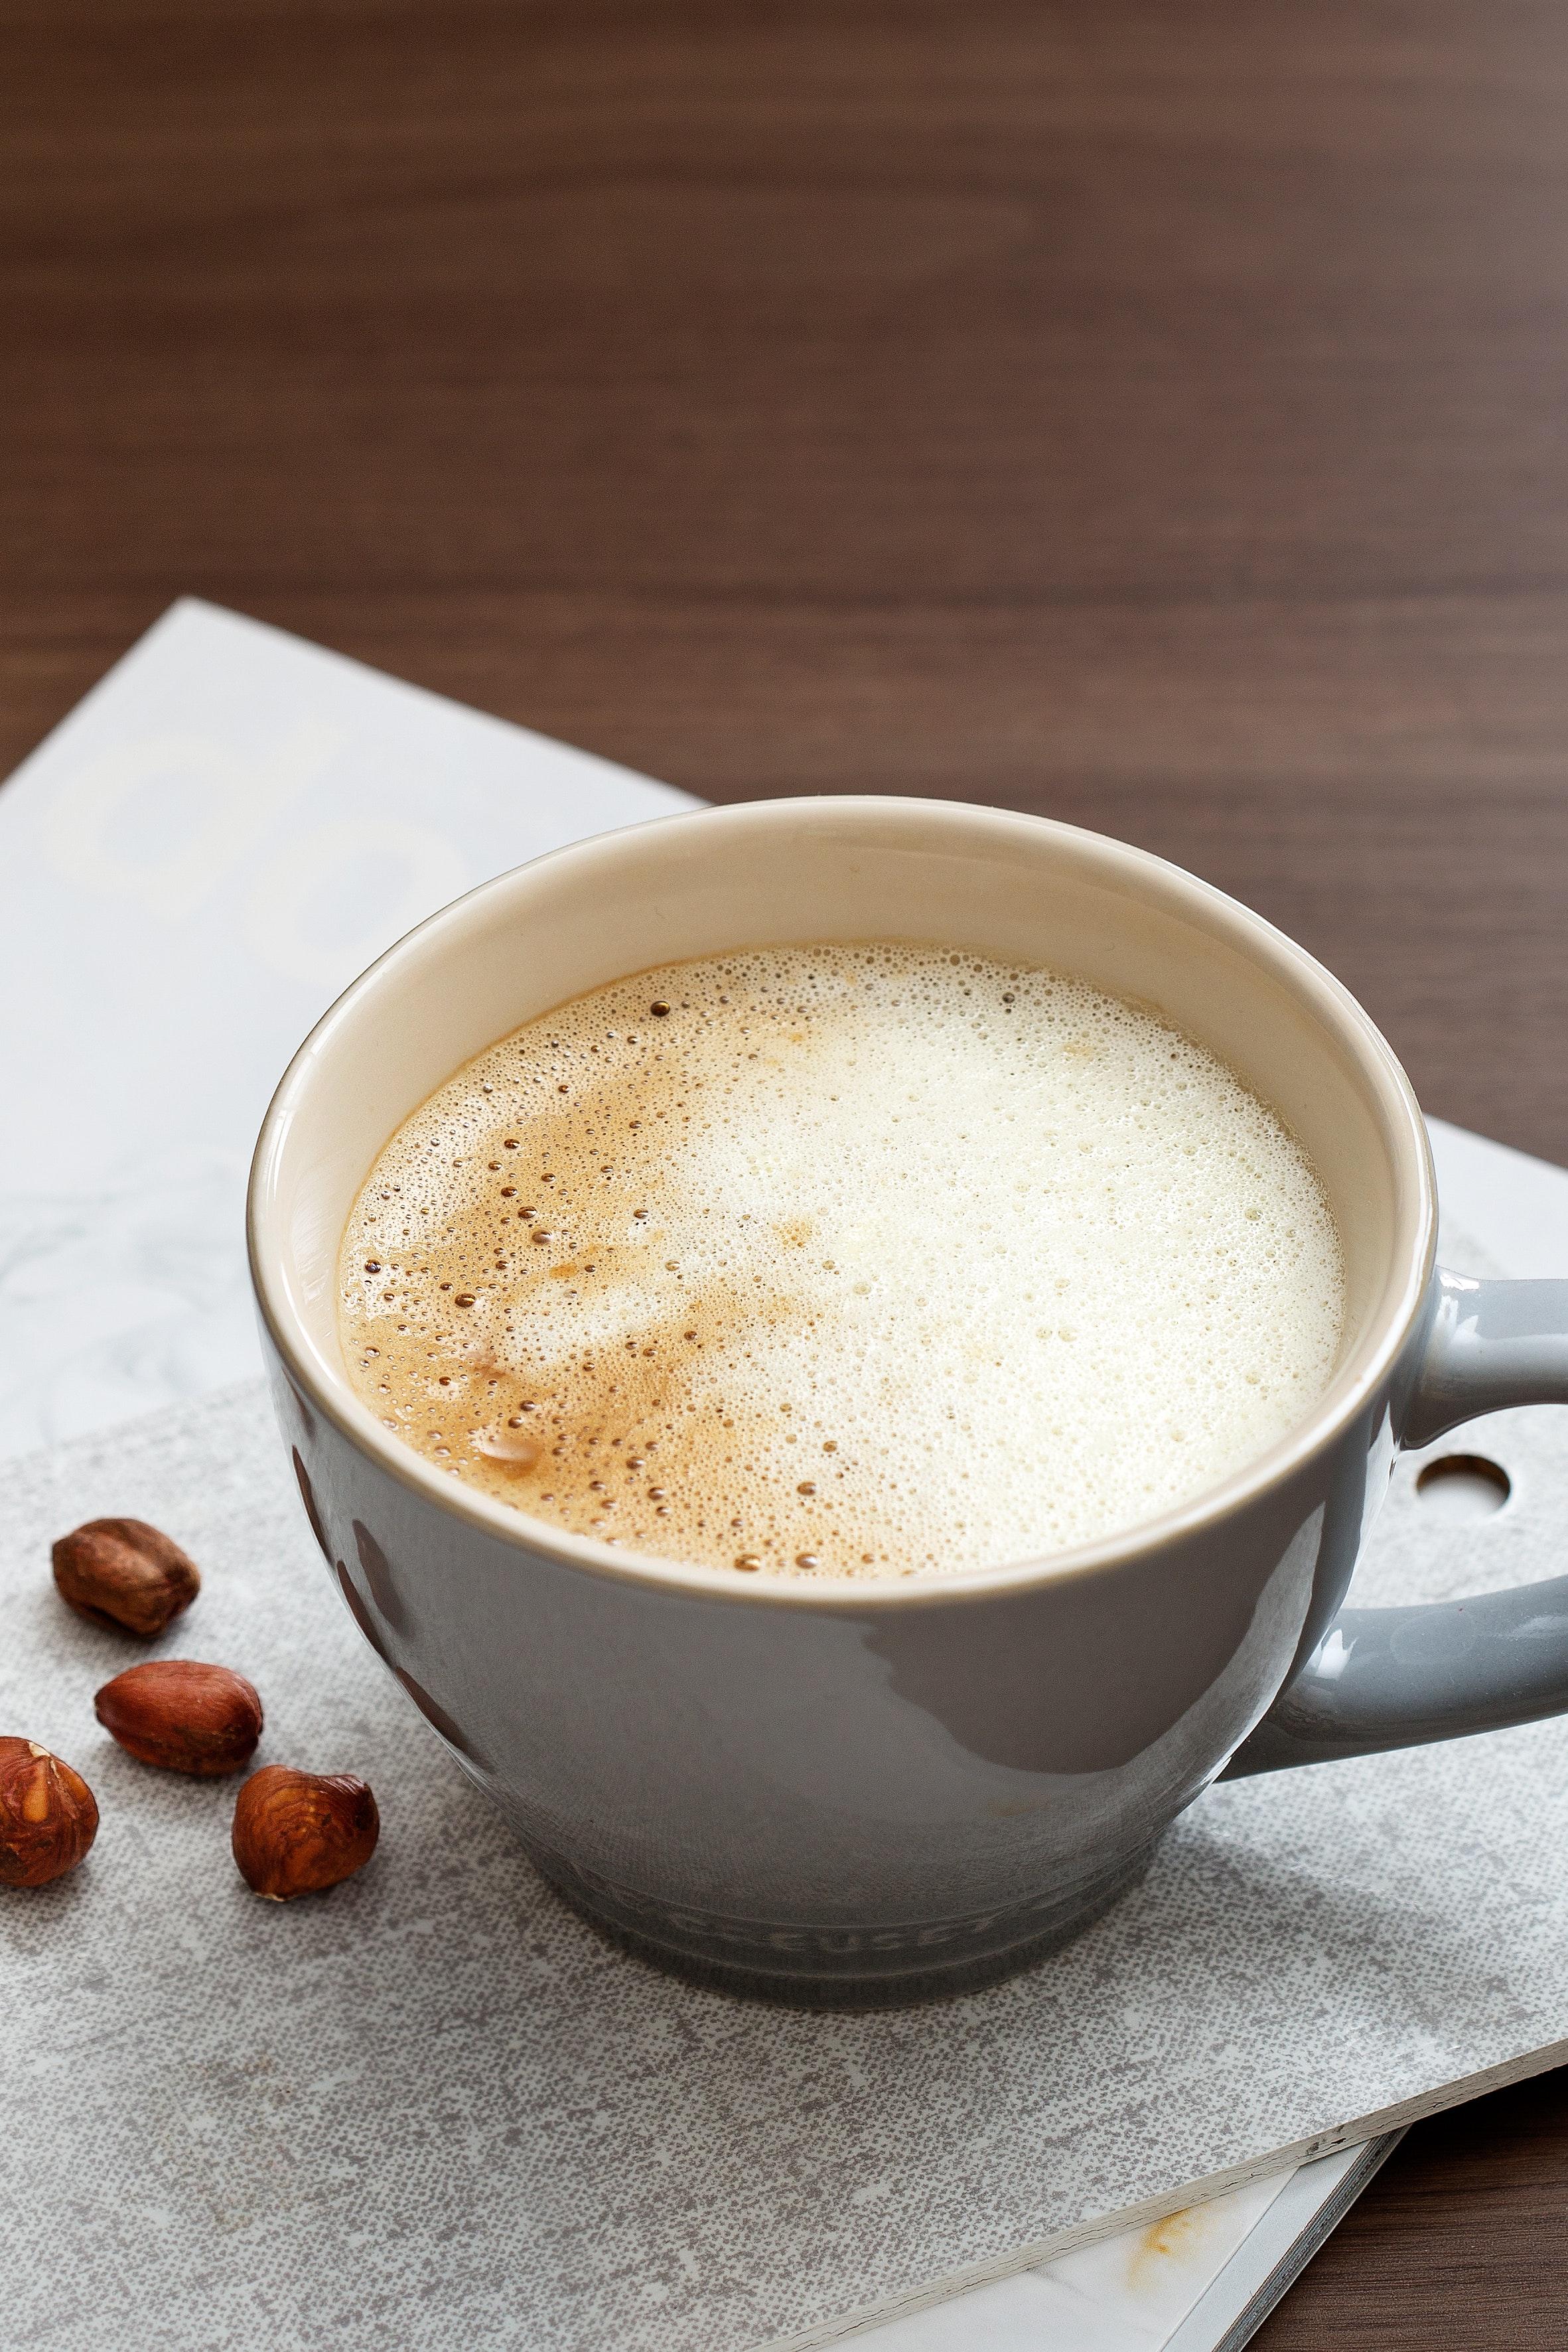 Calorias de una taza de cafe con leche sin azucar